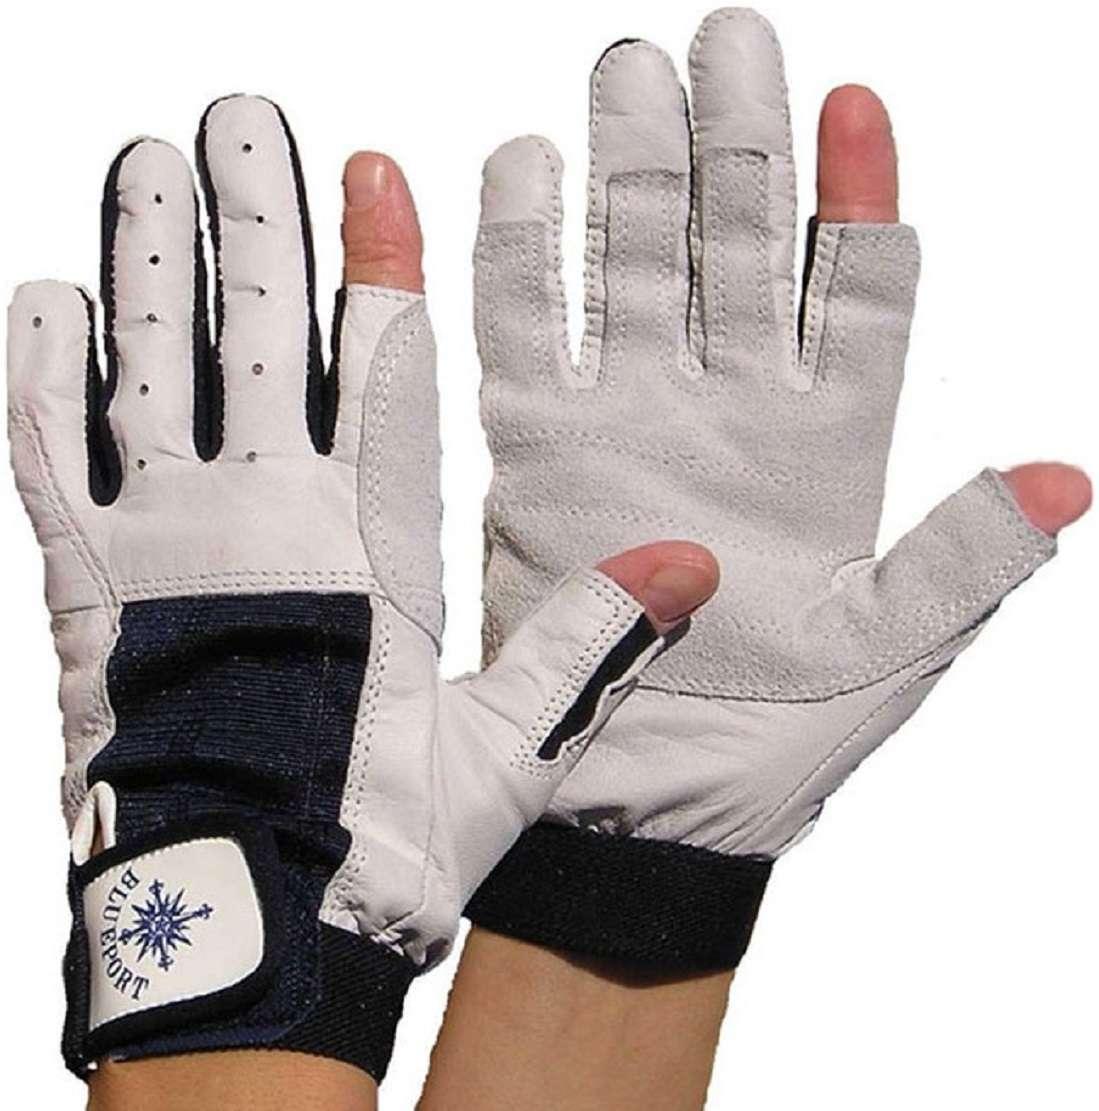 BluePort Segelhandschuhe Rindsleder Gr XL fingerlos Rigger Roadie Gloves 2 Pa